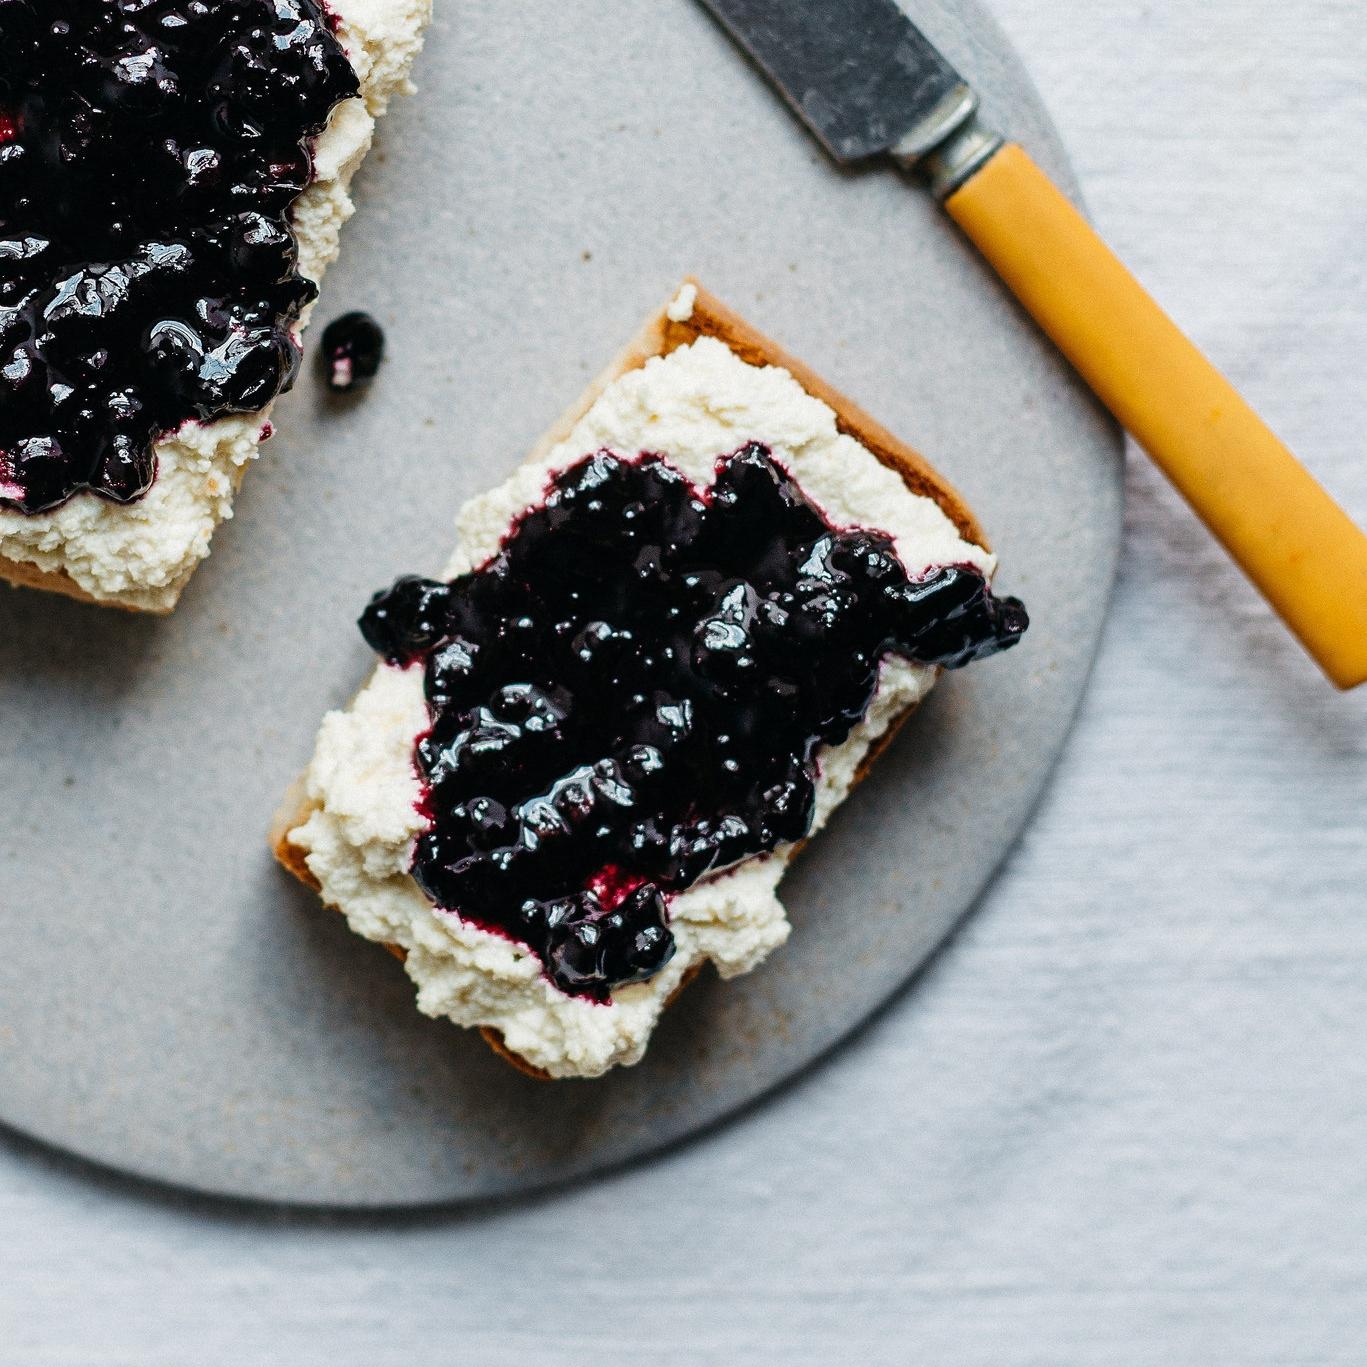 macadamia ricotta & black currant jam on toast